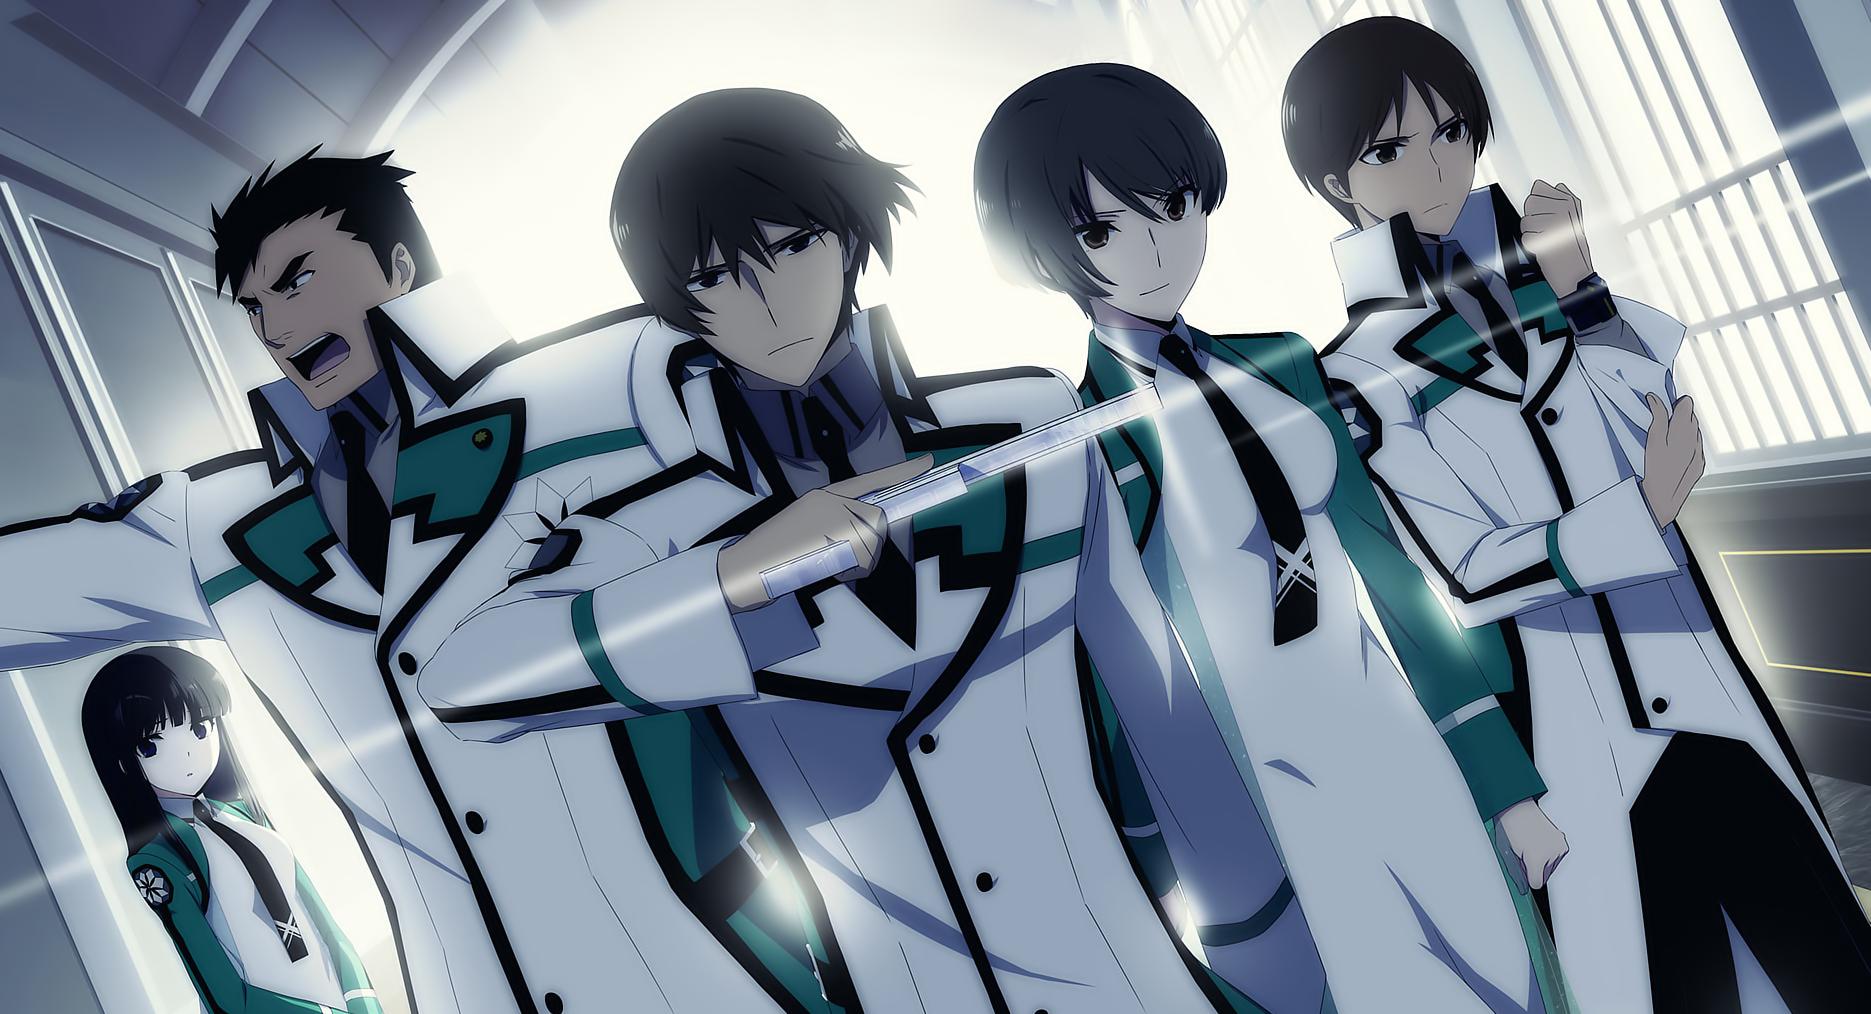 2. sezona animeja Mahouka Koukou no Rettousei prihaja julija